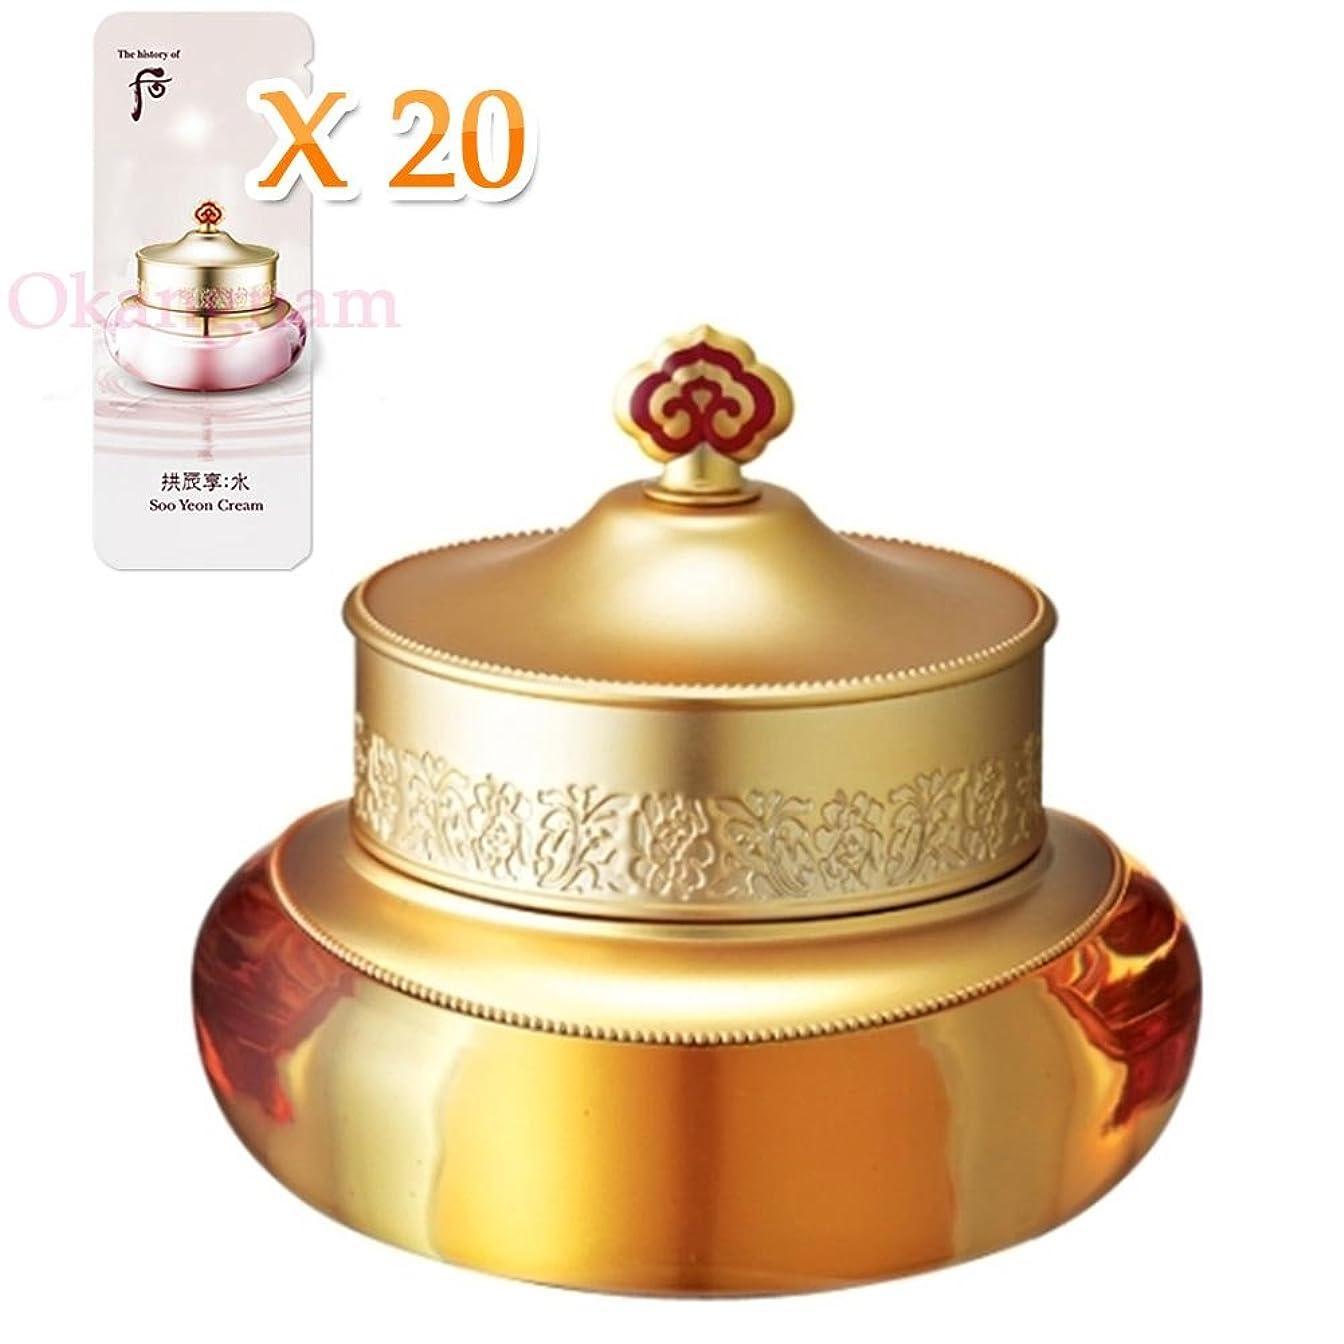 杖塩辛いオフ【フー/The history of whoo] Whoo 后 KGH06 Qi & Jin Cream/后(フー) ゴンジンヒャン キエンジンクリーム 50ml + [Sample Gift](海外直送品)